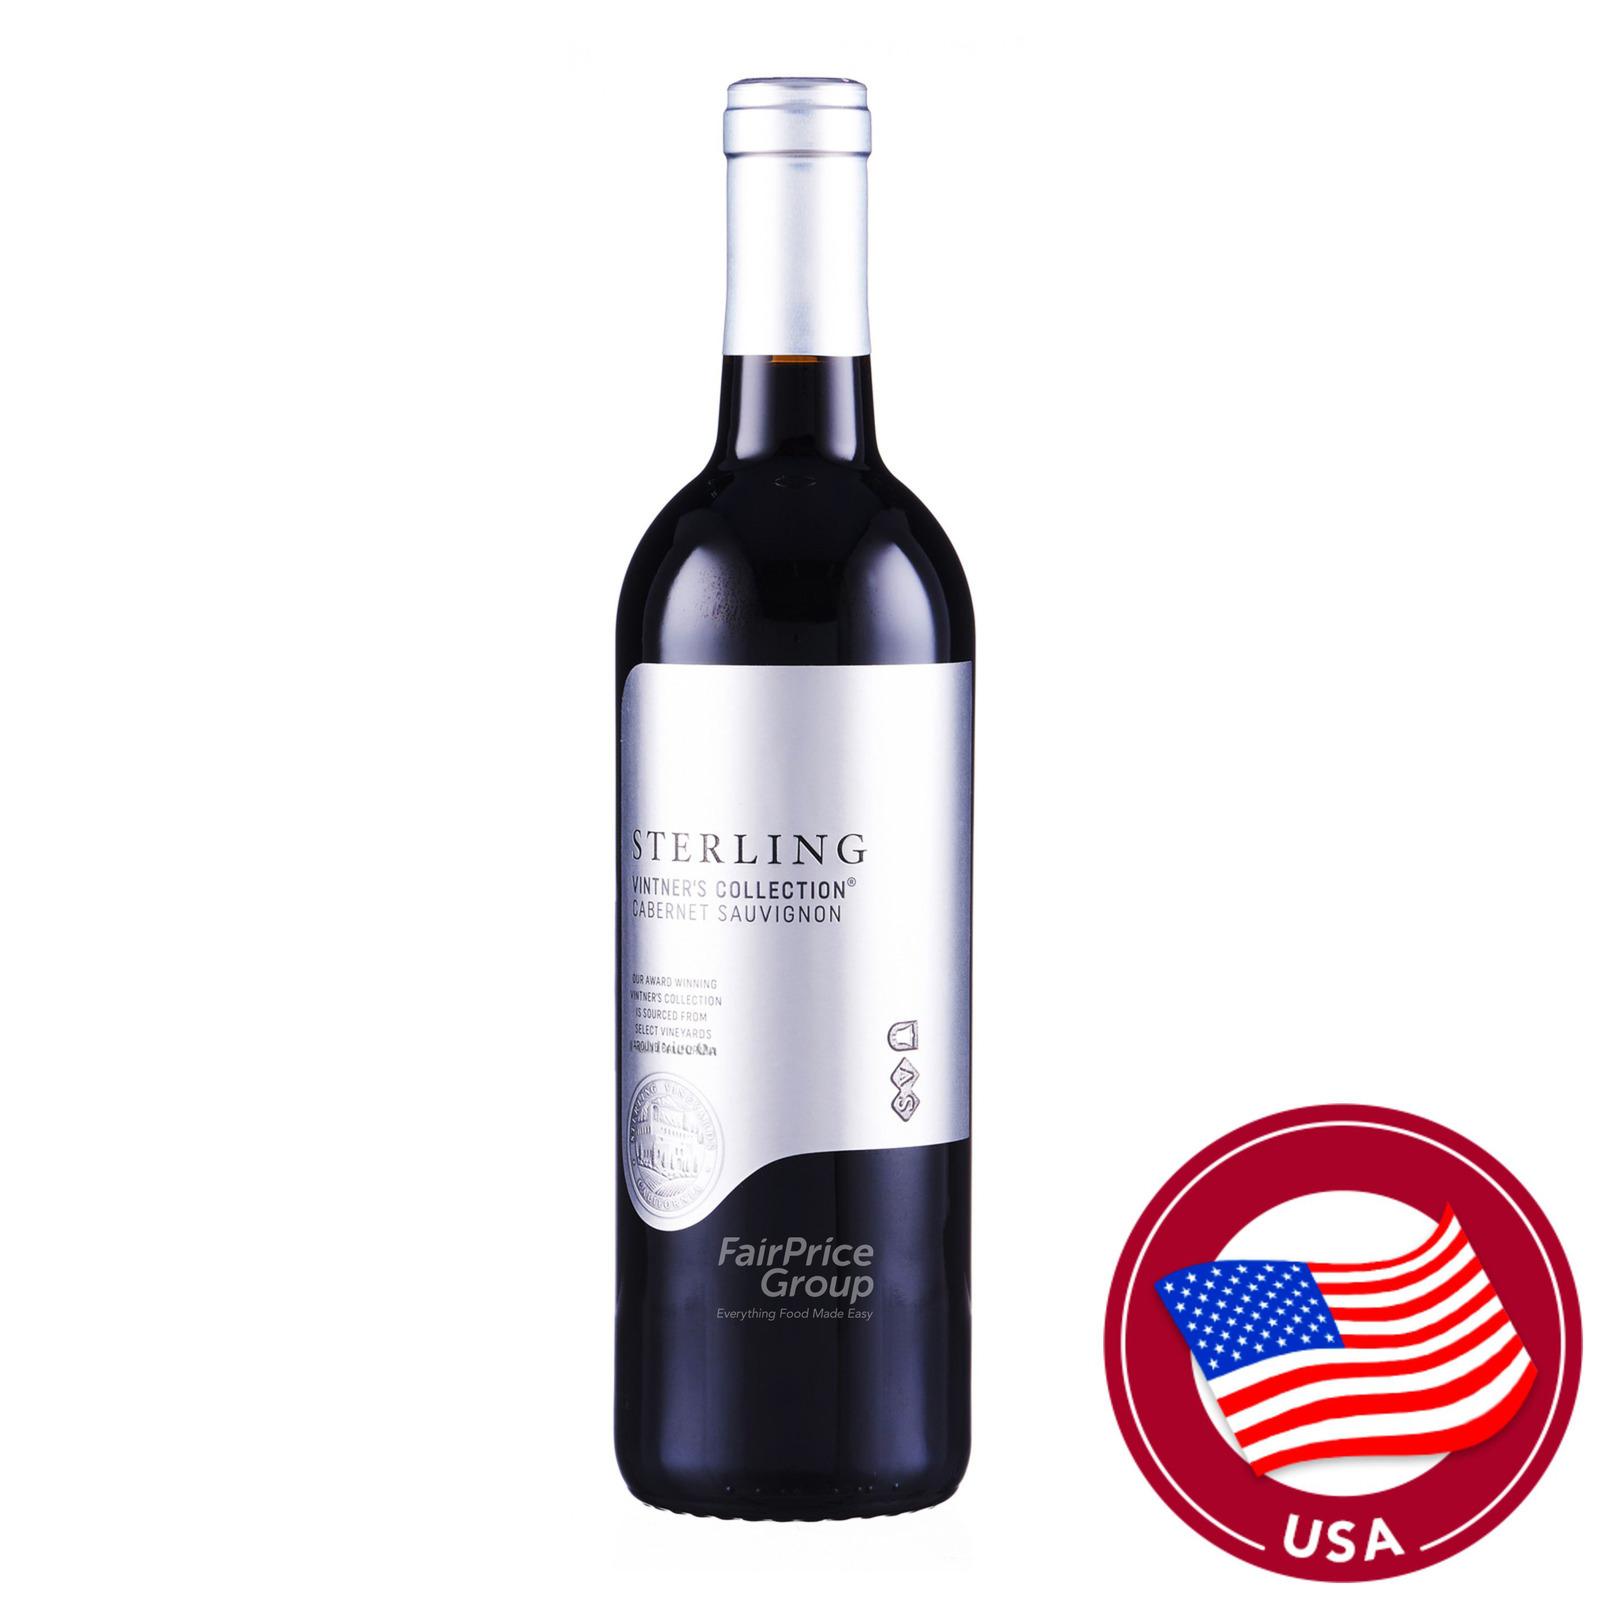 Sterling Red Wine - Cabernet Sauvignon